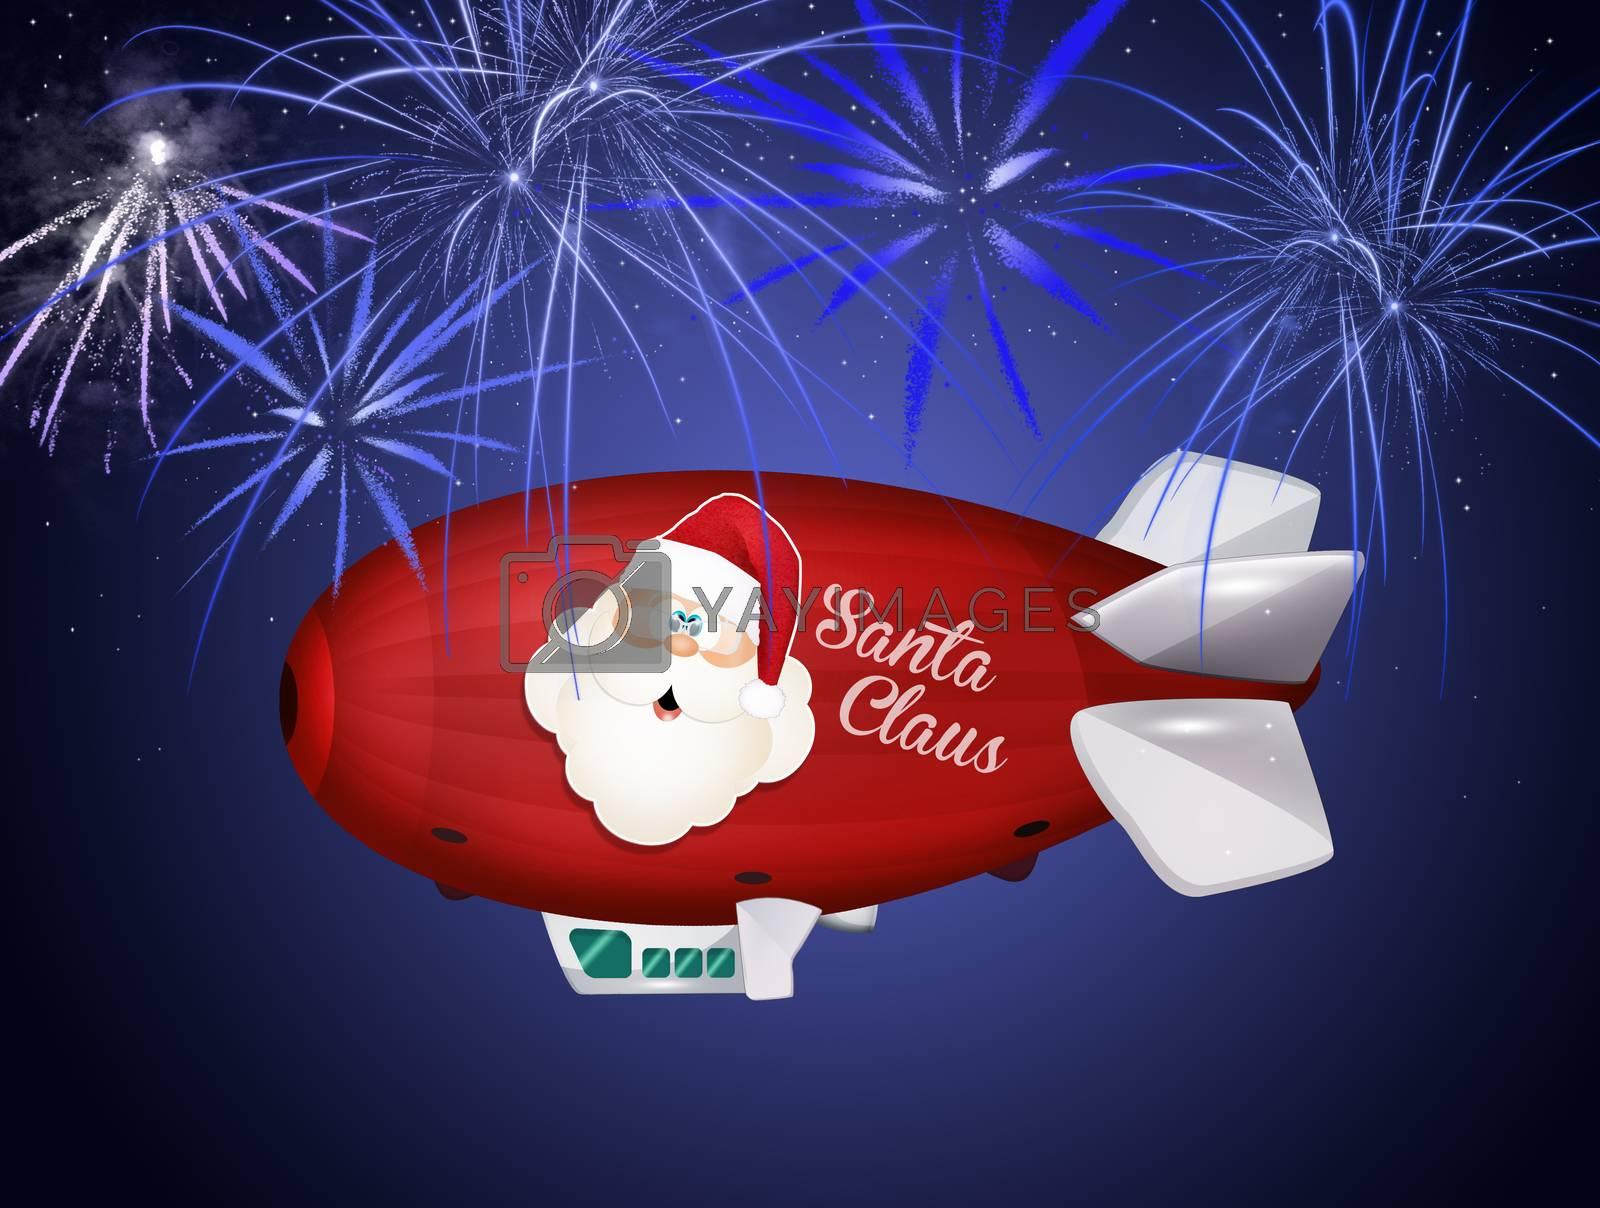 airship of Santa Claus by adrenalina